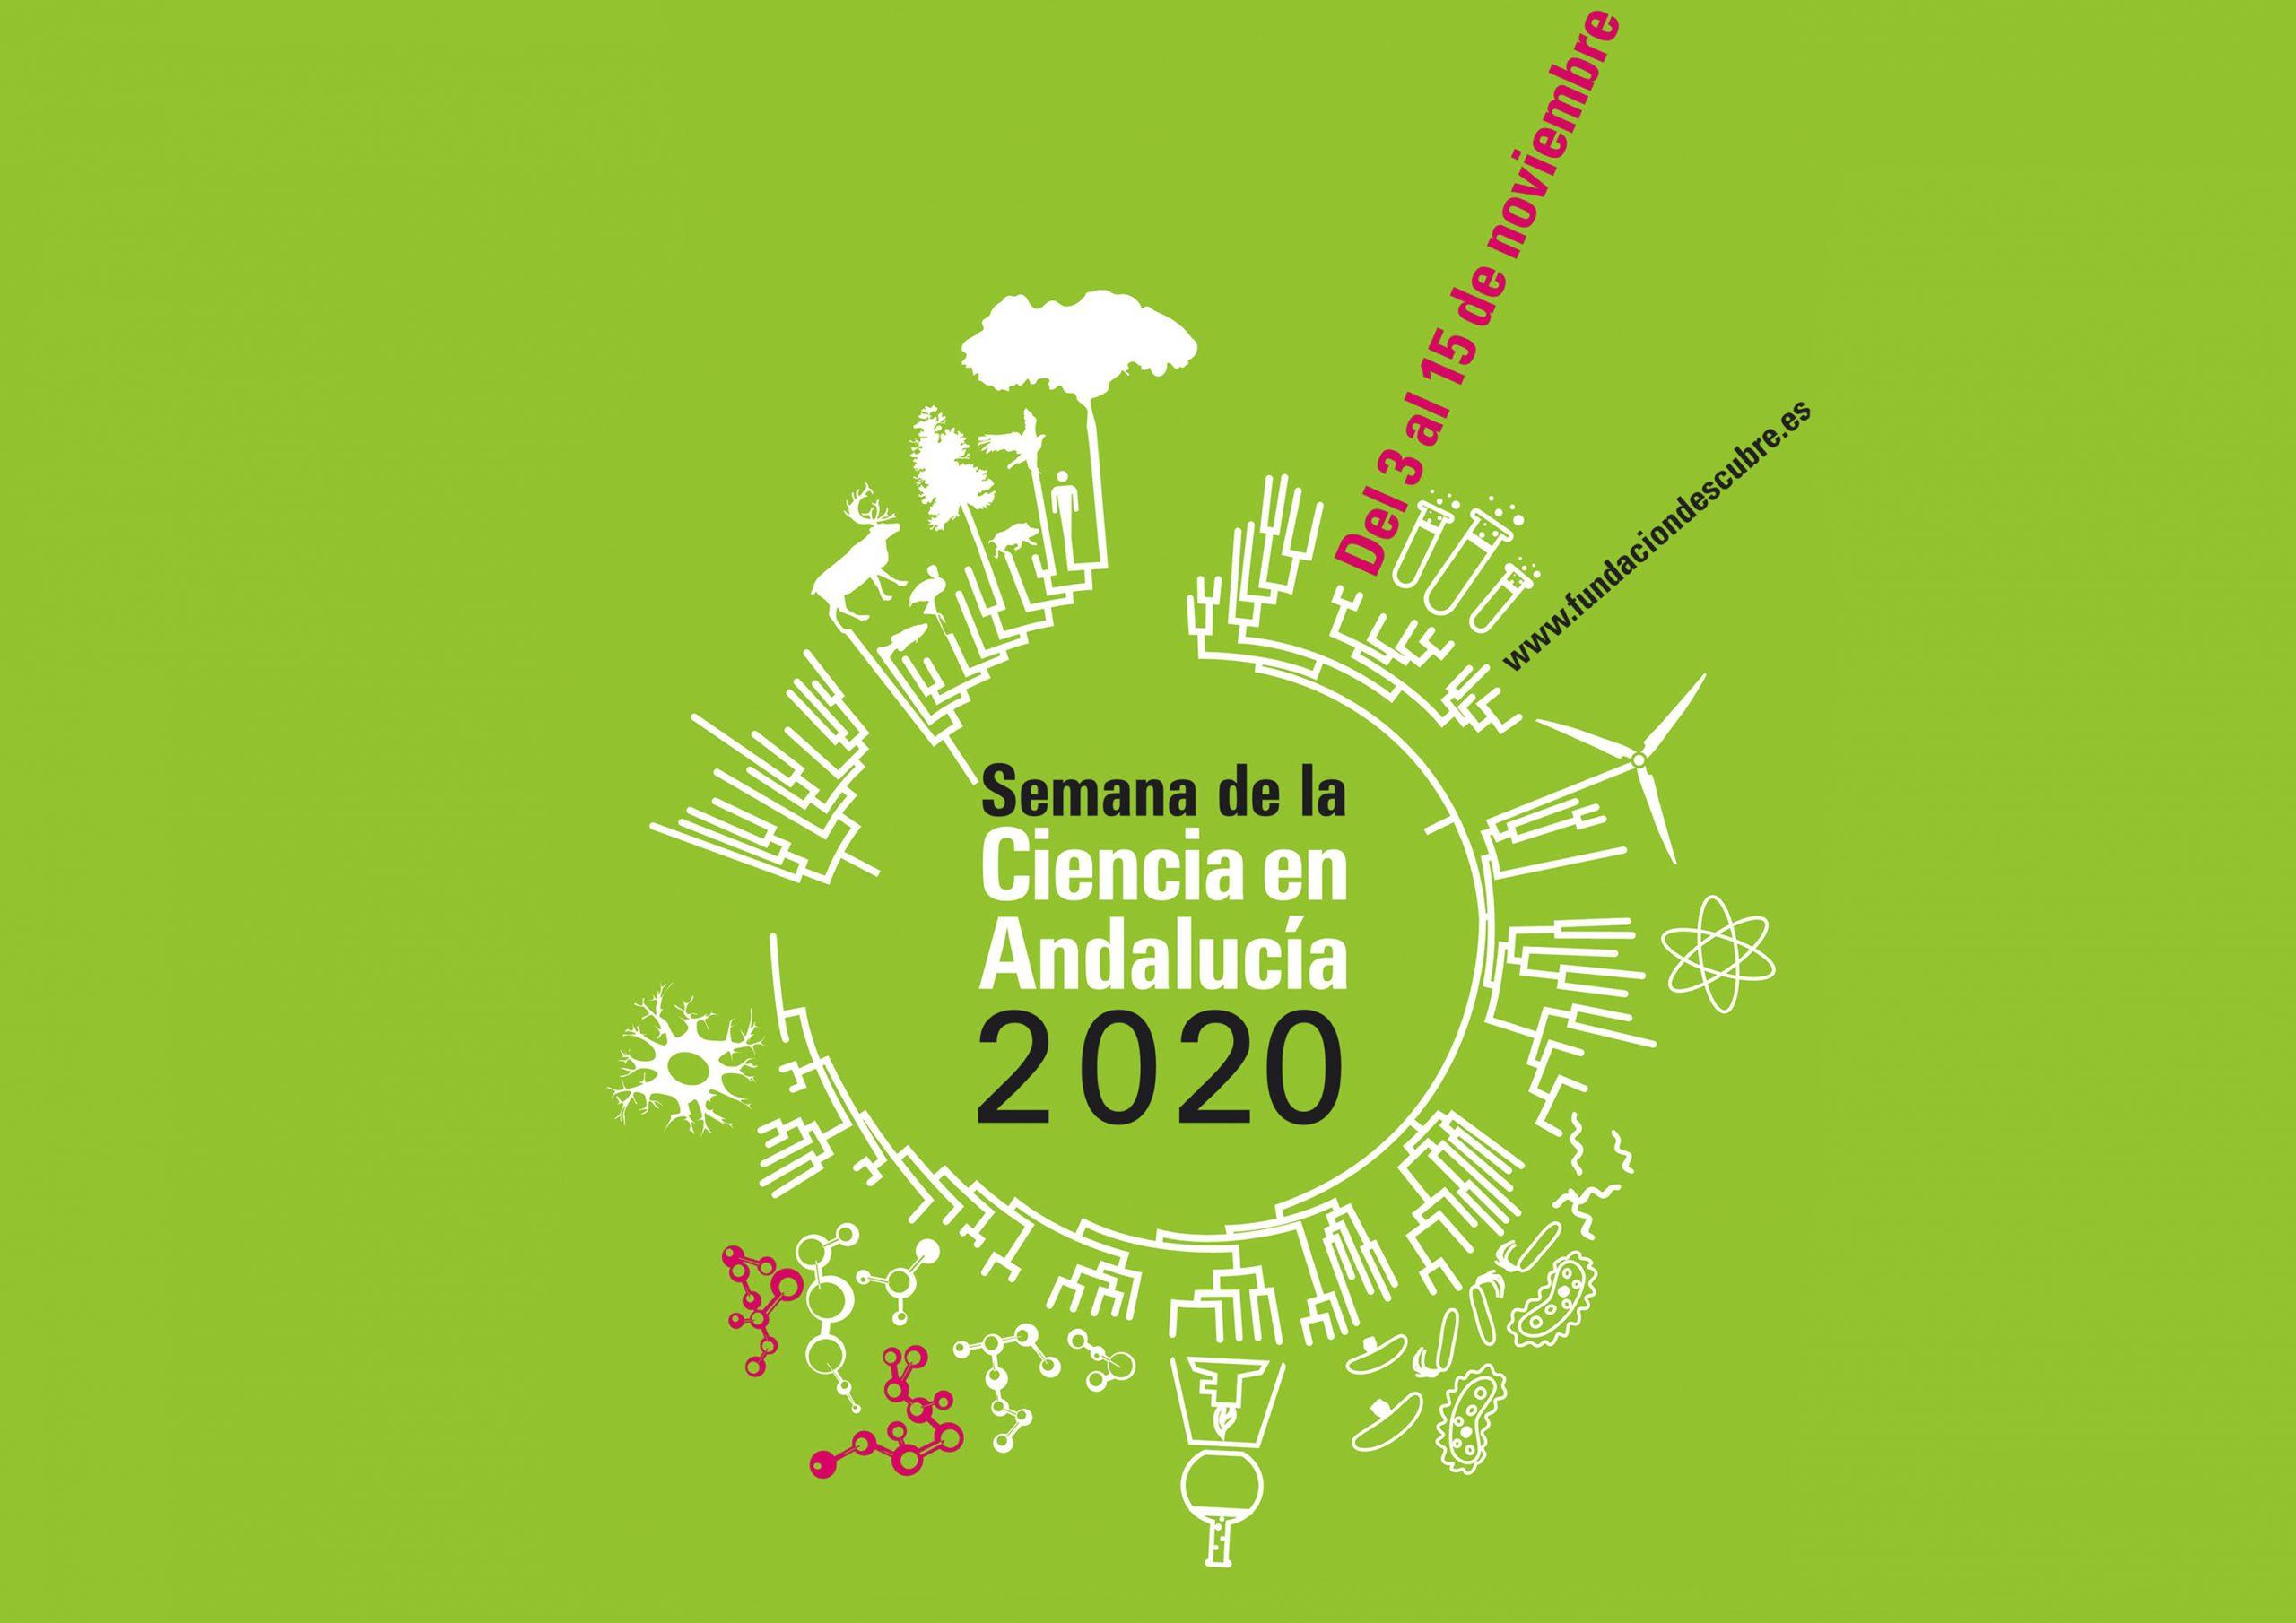 Granada programa más de 30 mesas en la Semana de la Ciencia 2020